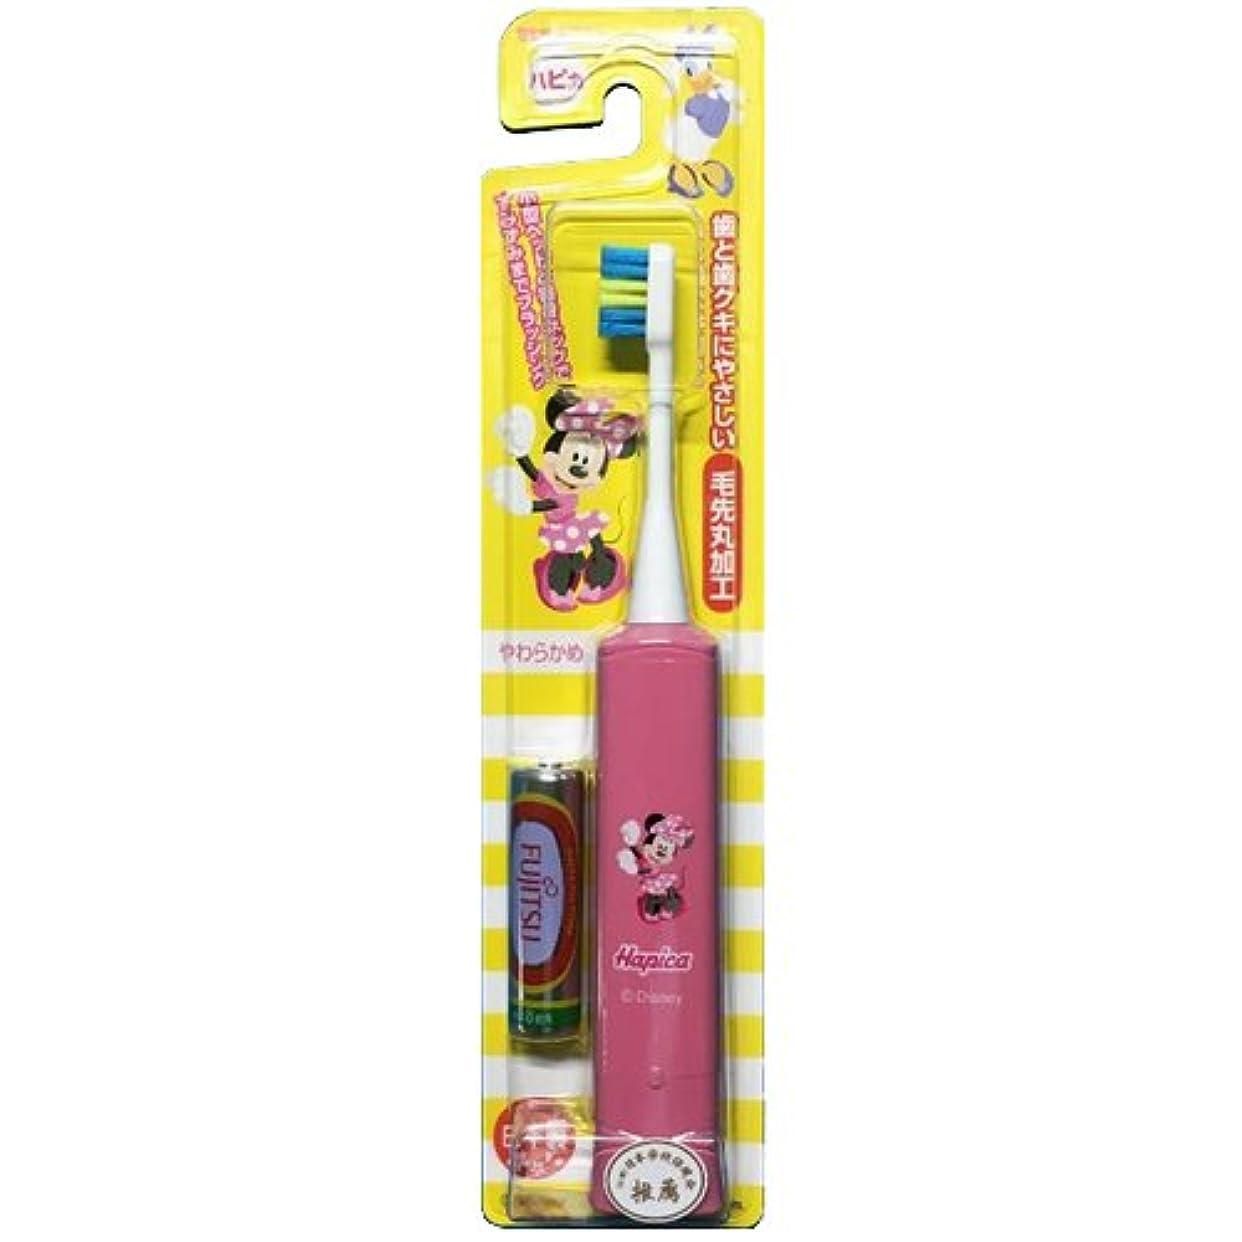 メモ脱臼する意図ミニマム 電動付歯ブラシ こどもハピカ ミニー(ピンク) 毛の硬さ:やわらかめ DBK-5P(MK)